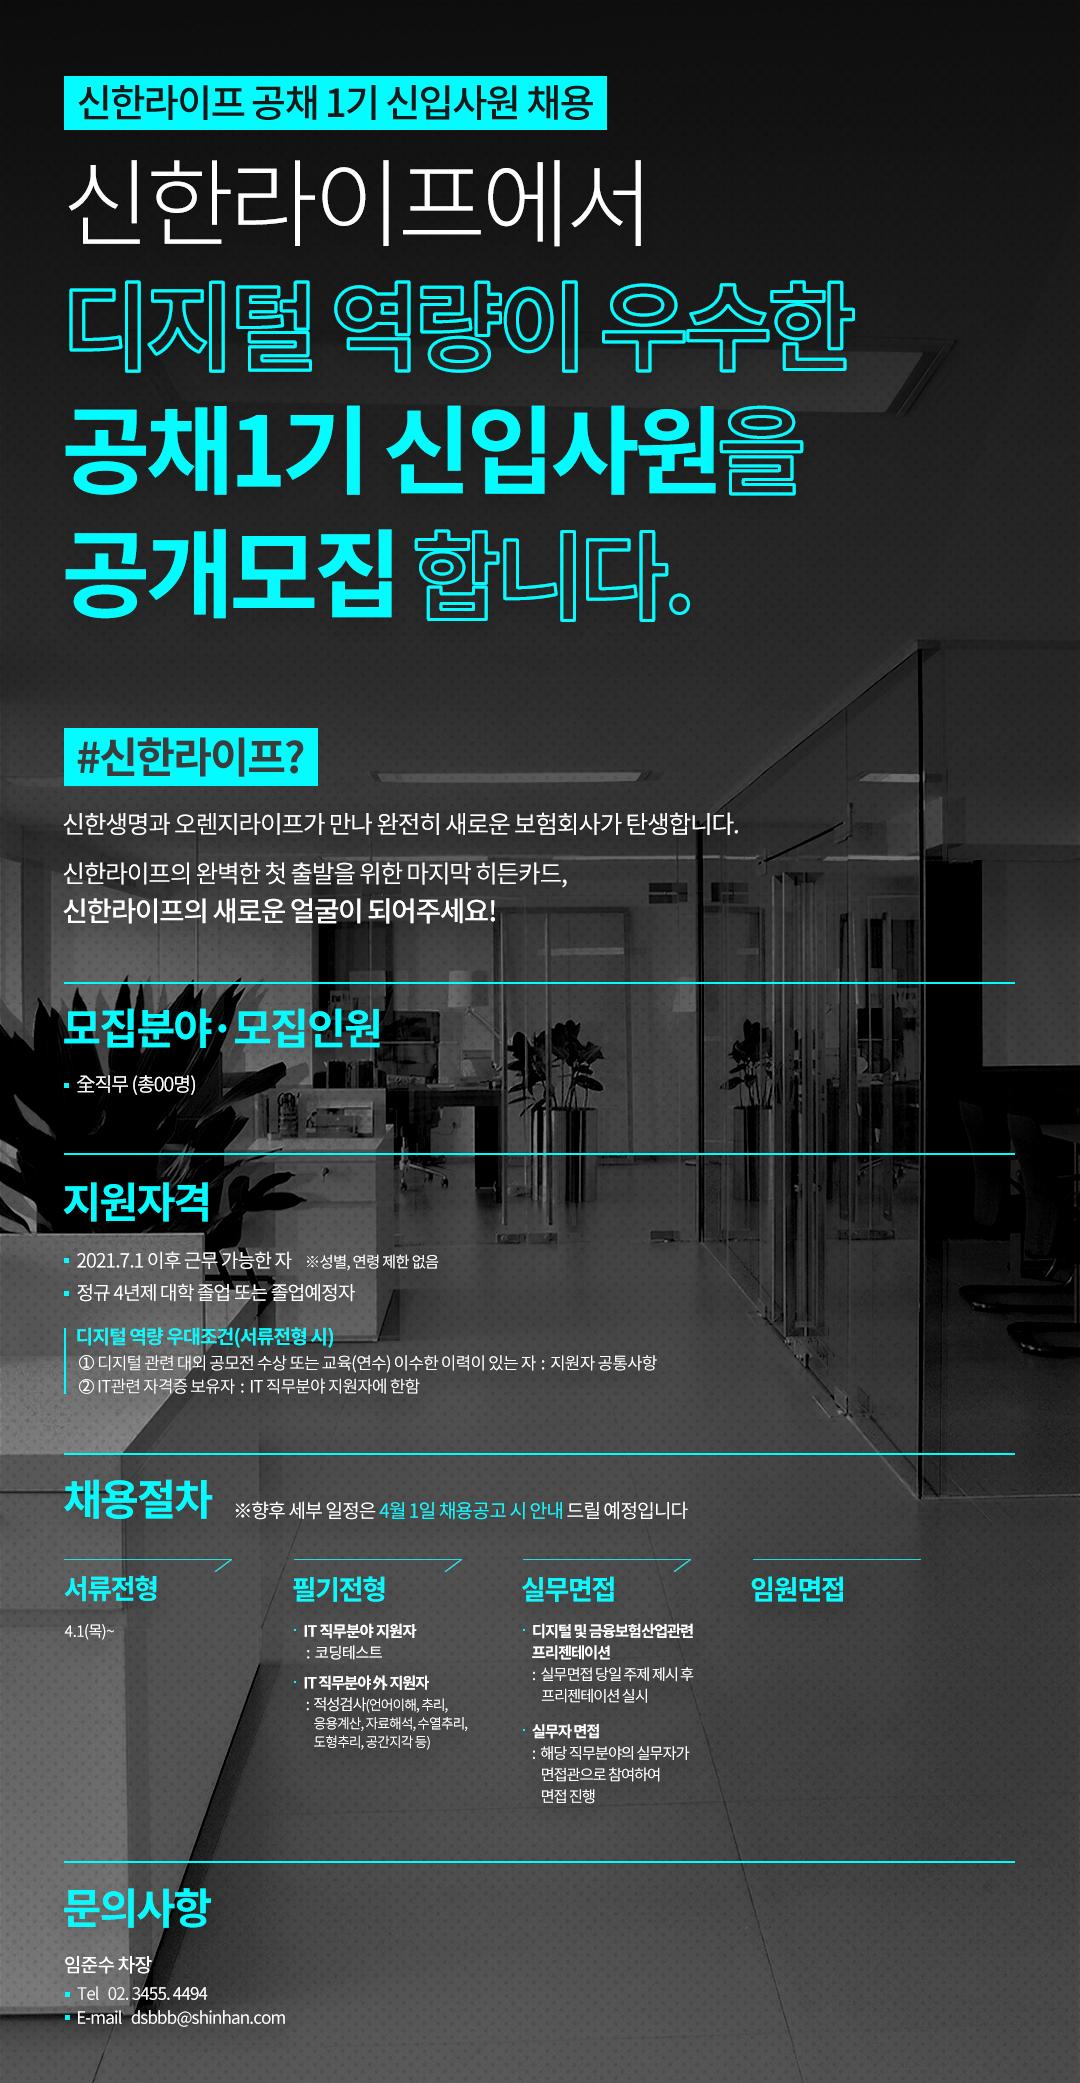 신한라이프, 통합 신입사원 공개채용…디지털 역량 우대